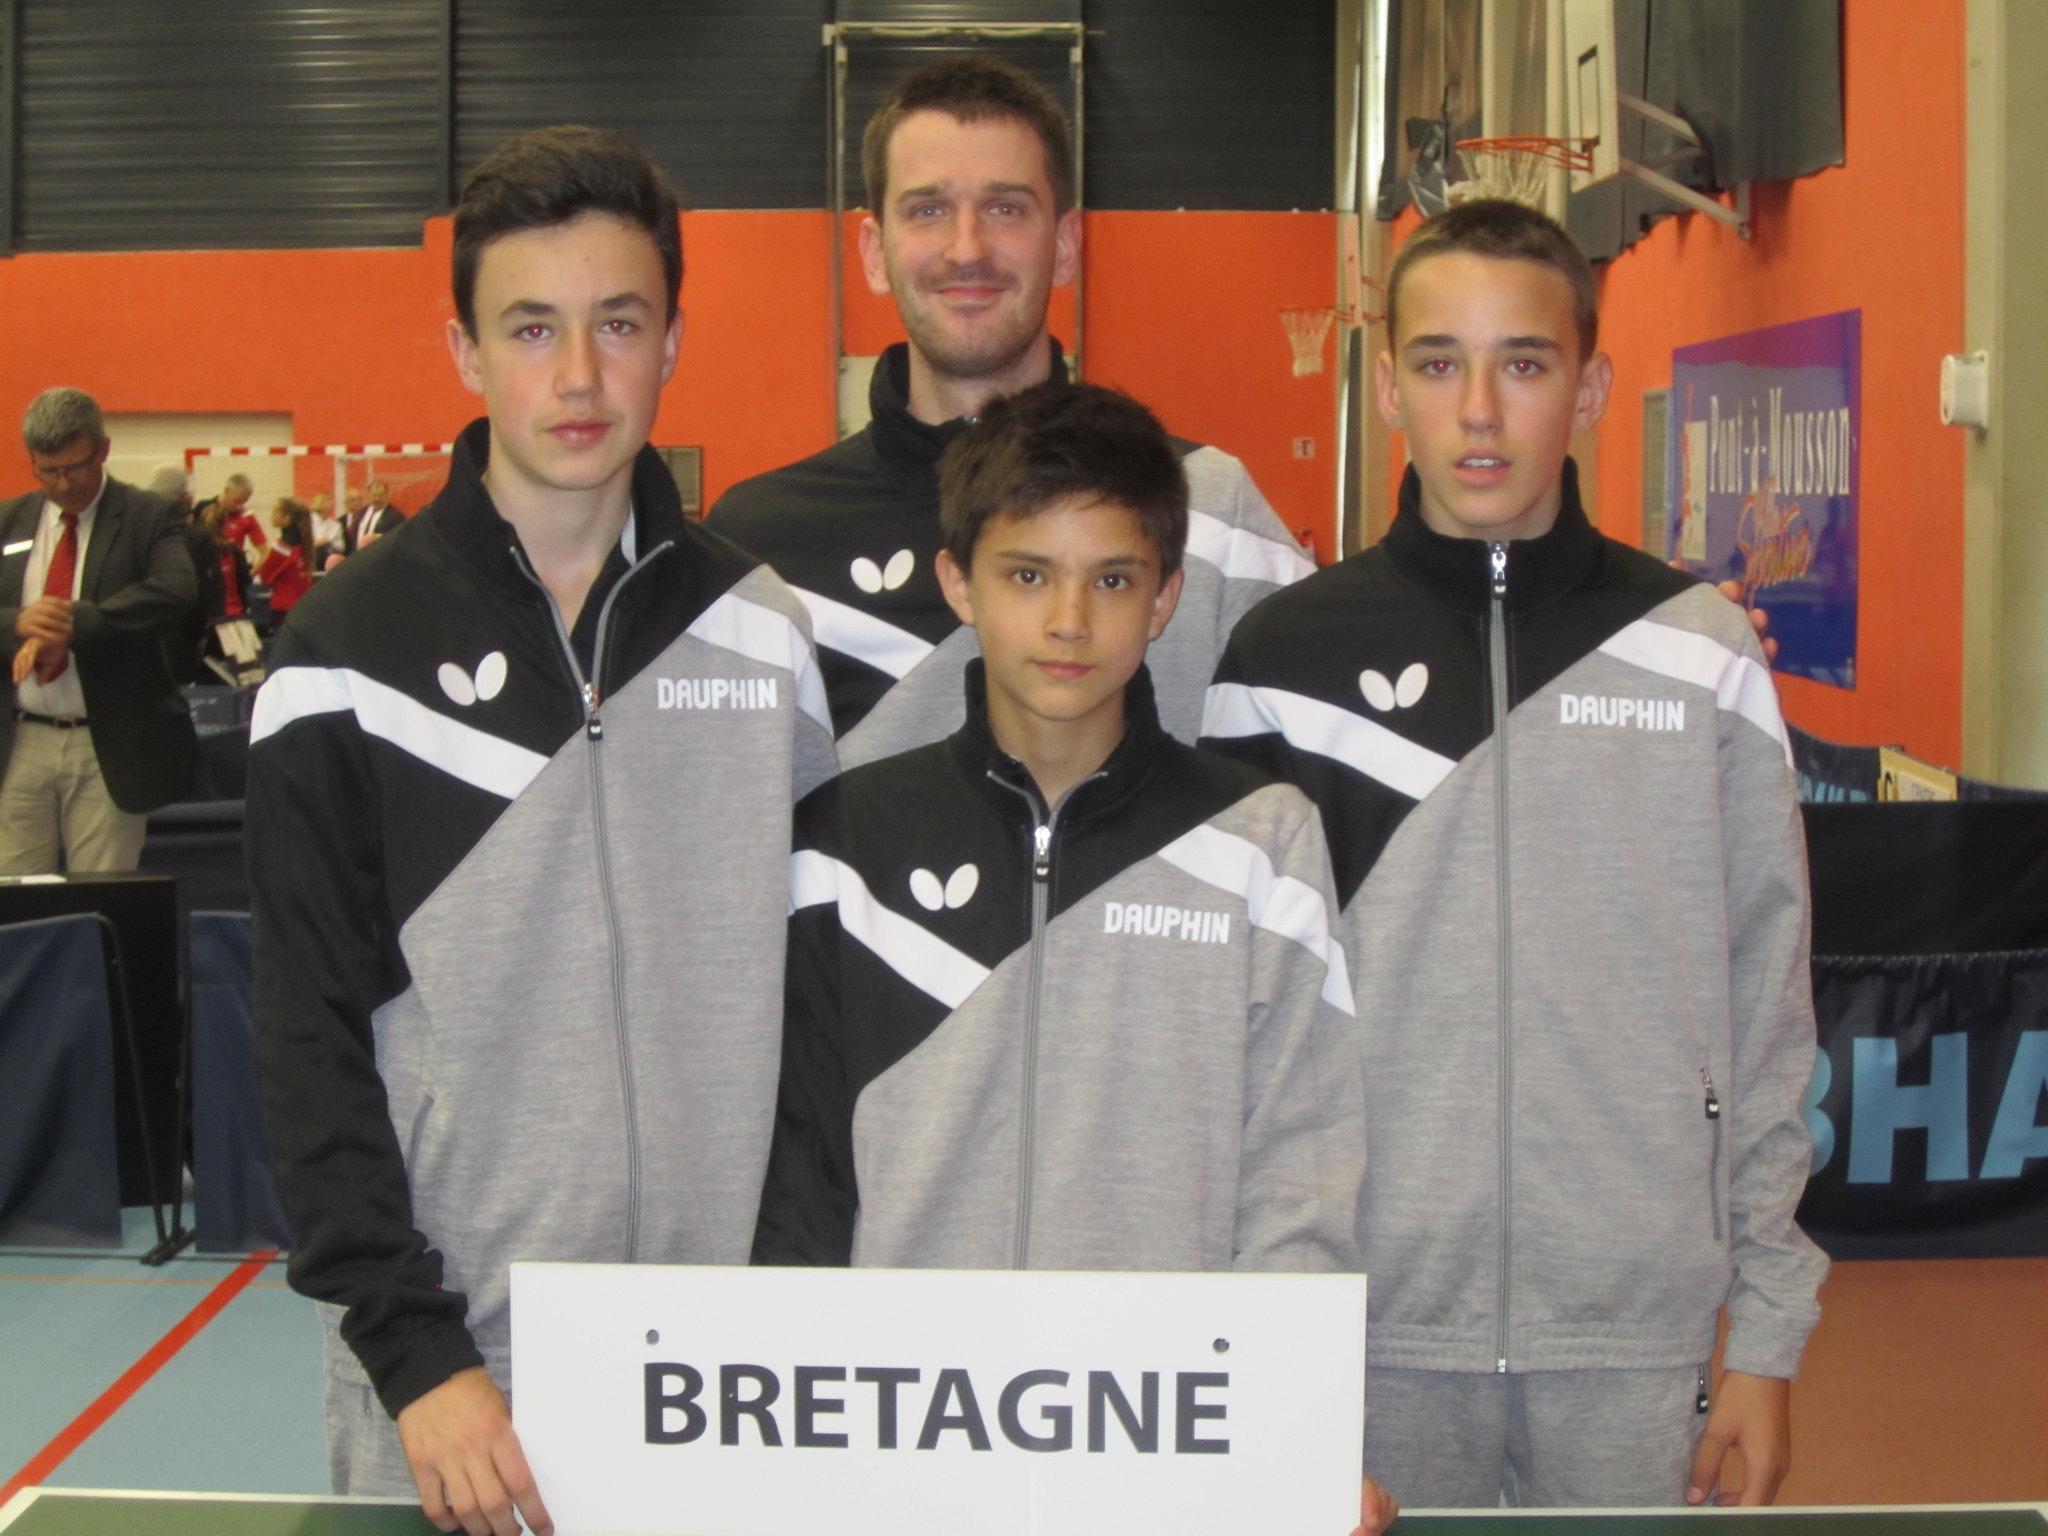 Ligue de bretagne tennis de table s favorites flickr - Ligue de bretagne de tennis de table ...